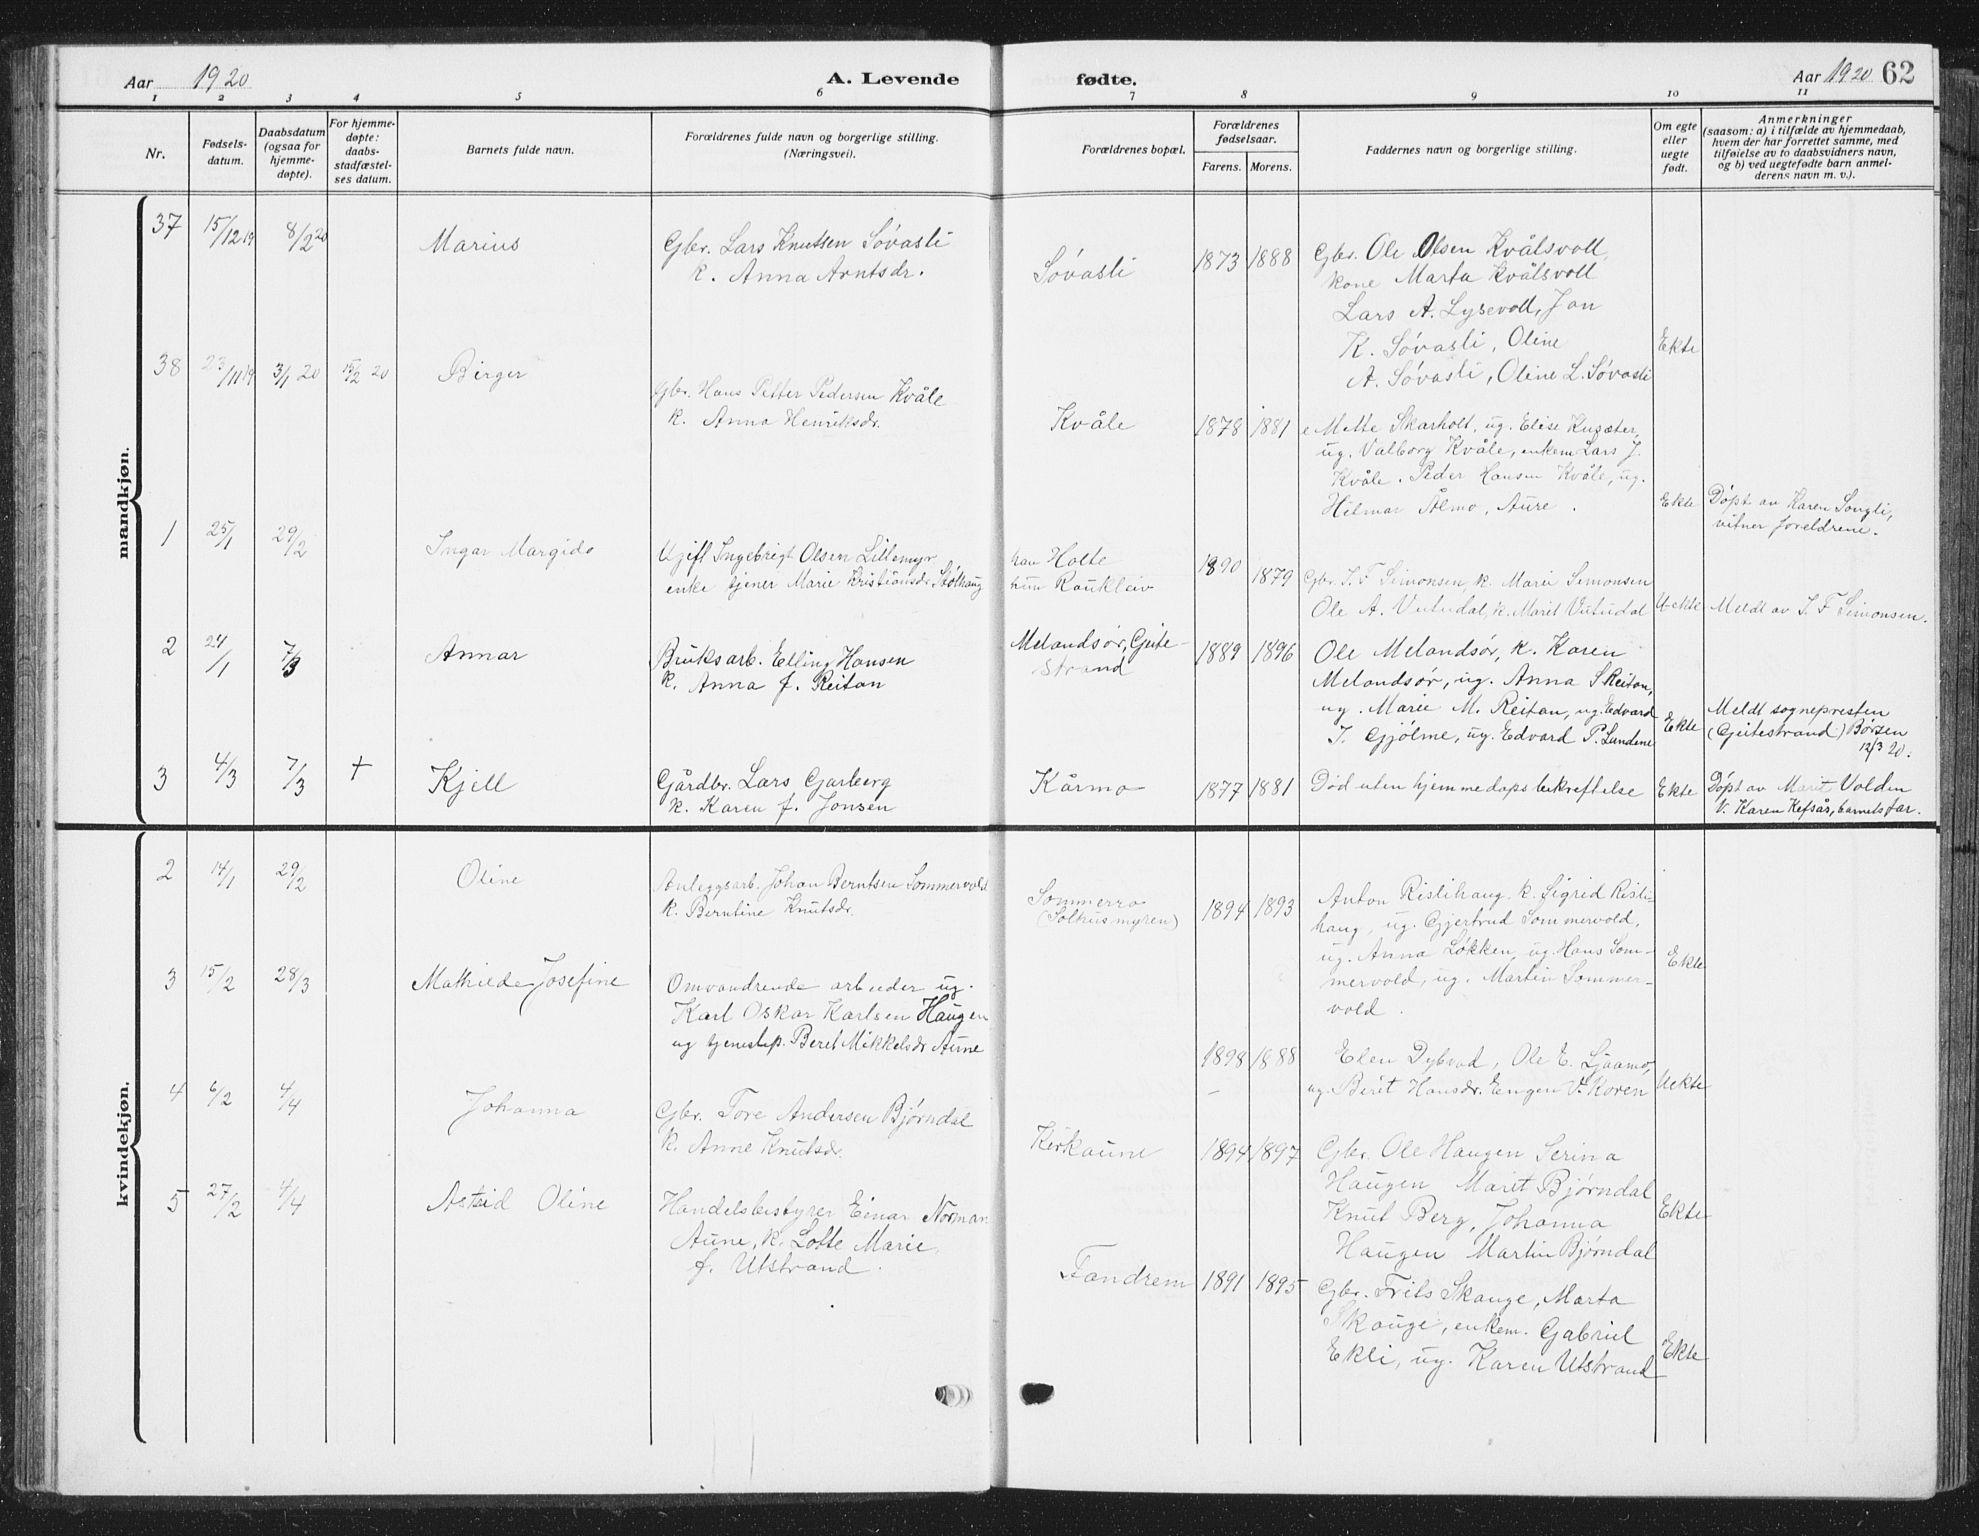 SAT, Ministerialprotokoller, klokkerbøker og fødselsregistre - Sør-Trøndelag, 668/L0820: Klokkerbok nr. 668C09, 1912-1936, s. 62